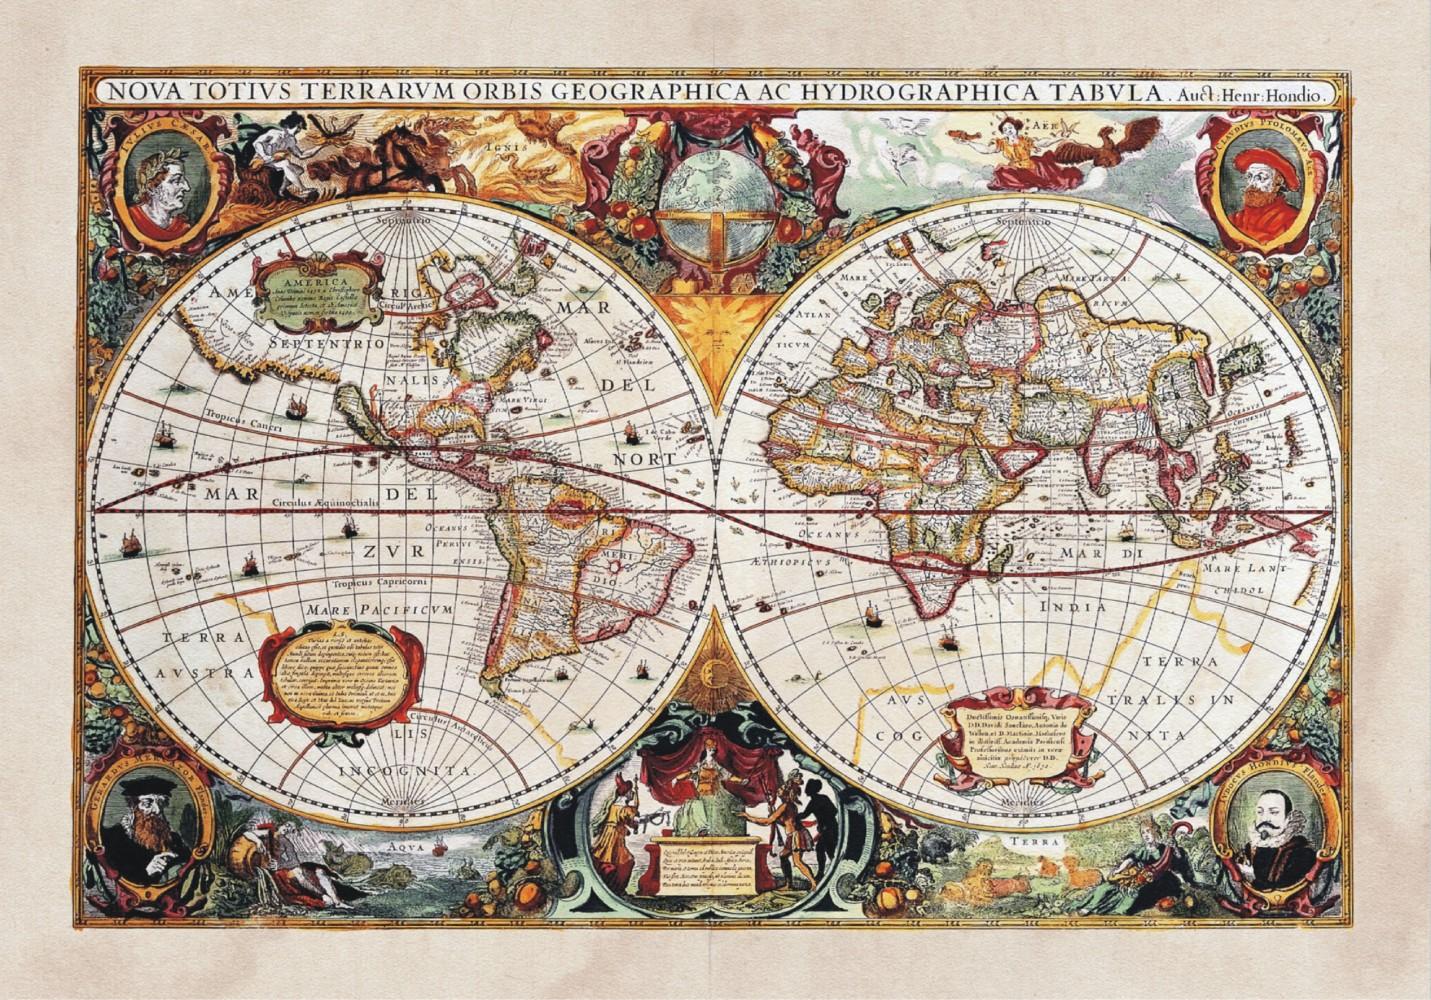 XXL Poster Fototapete Tapete Historische Weltkarte Geographie Foto 160 cm x 115 cm